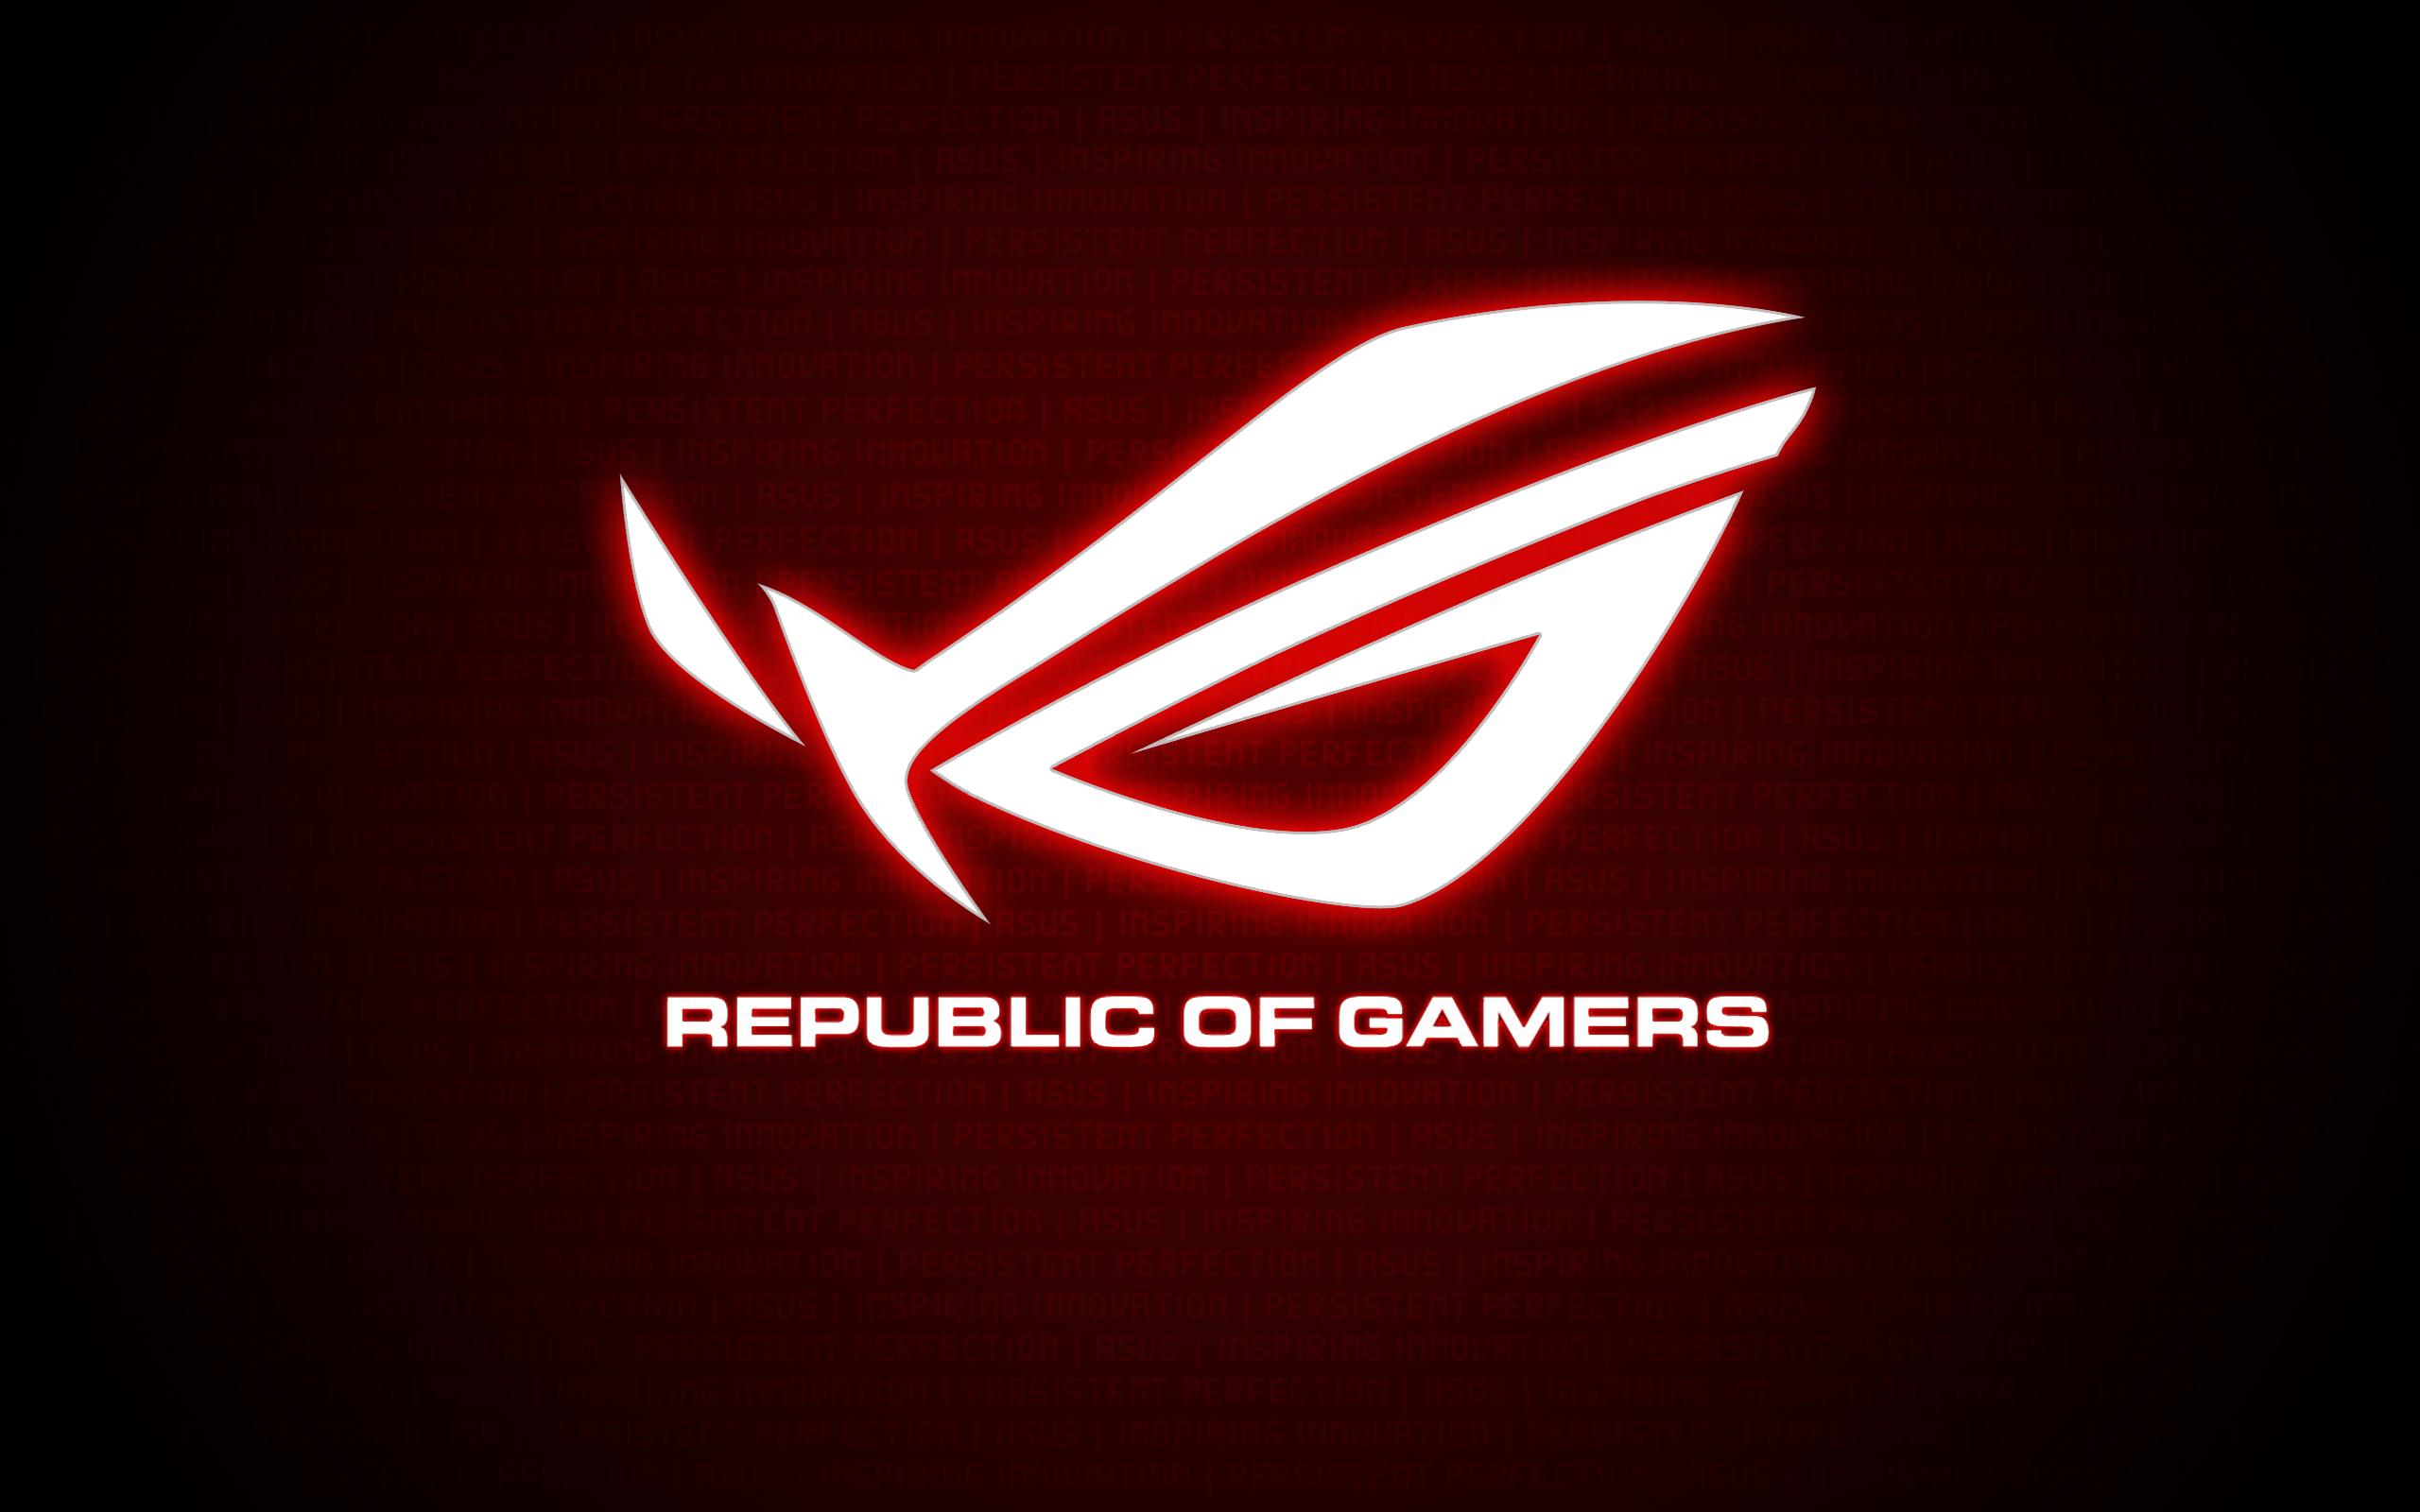 Az ASUS ROG bejelentette az OC Showdown 2015 rendezvényt